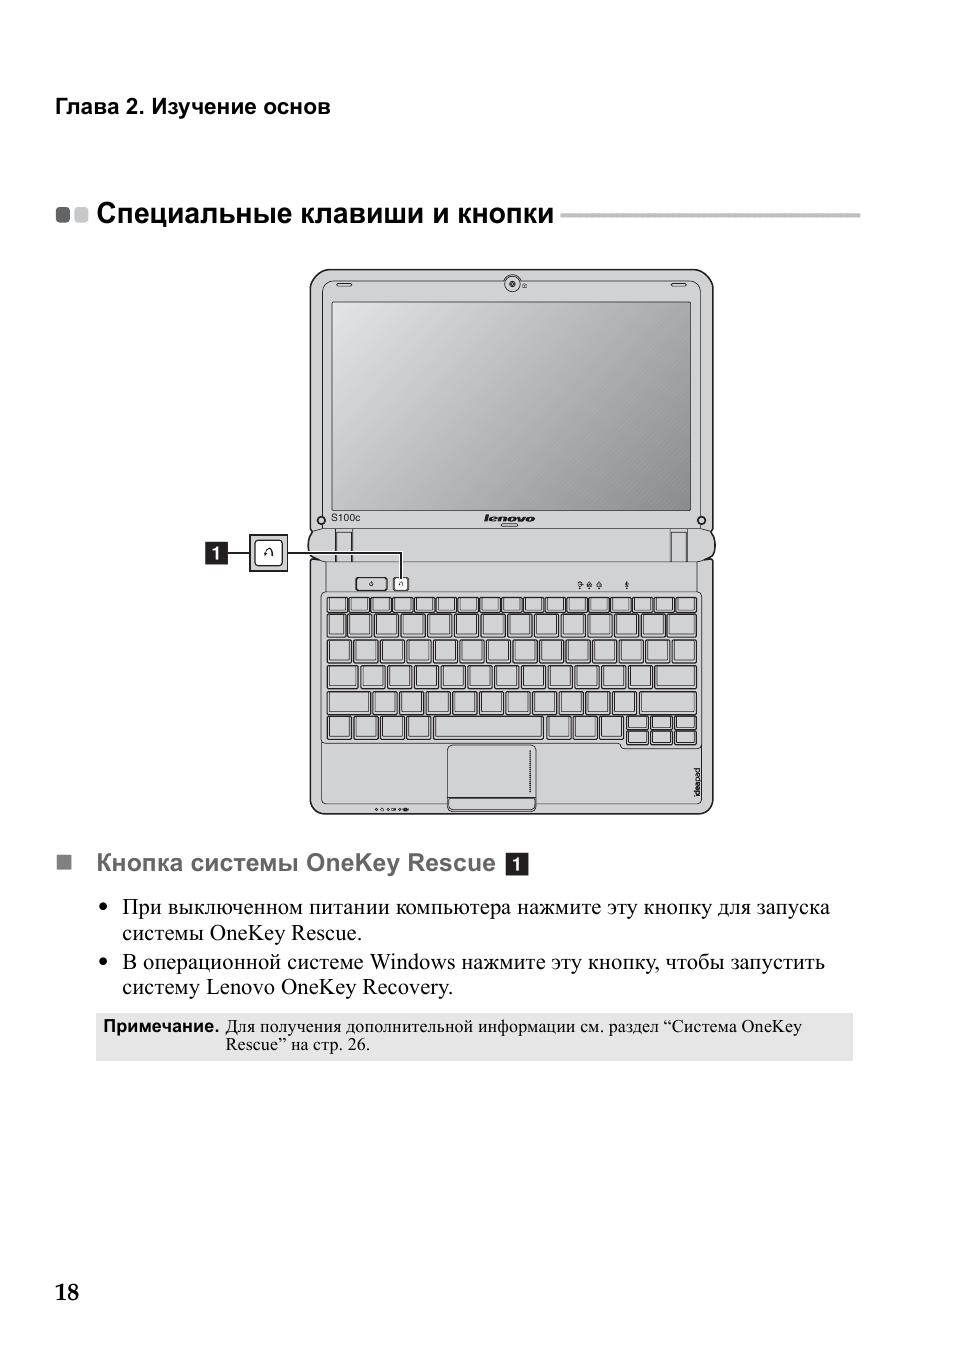 инструкция користування леново нотбуками